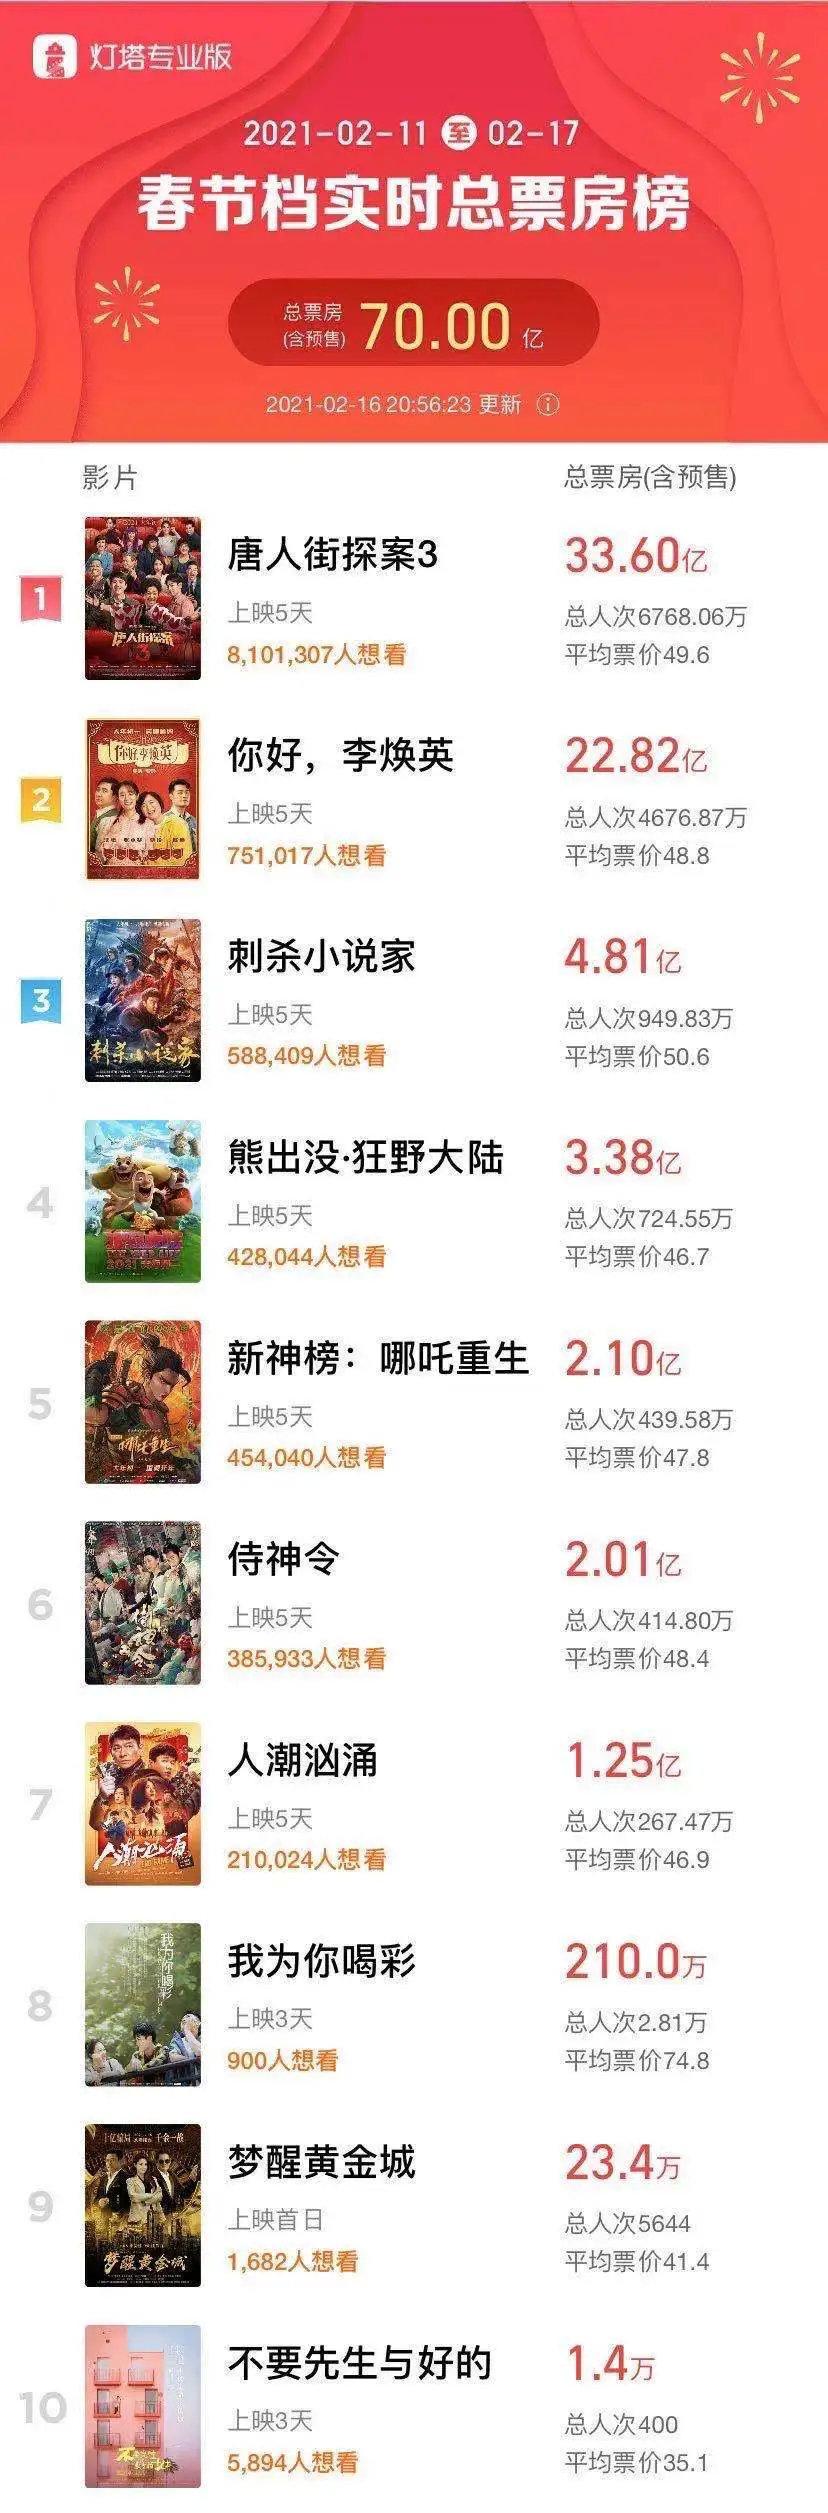 春节票房破70亿!港股、电影股、a股会怎么样?